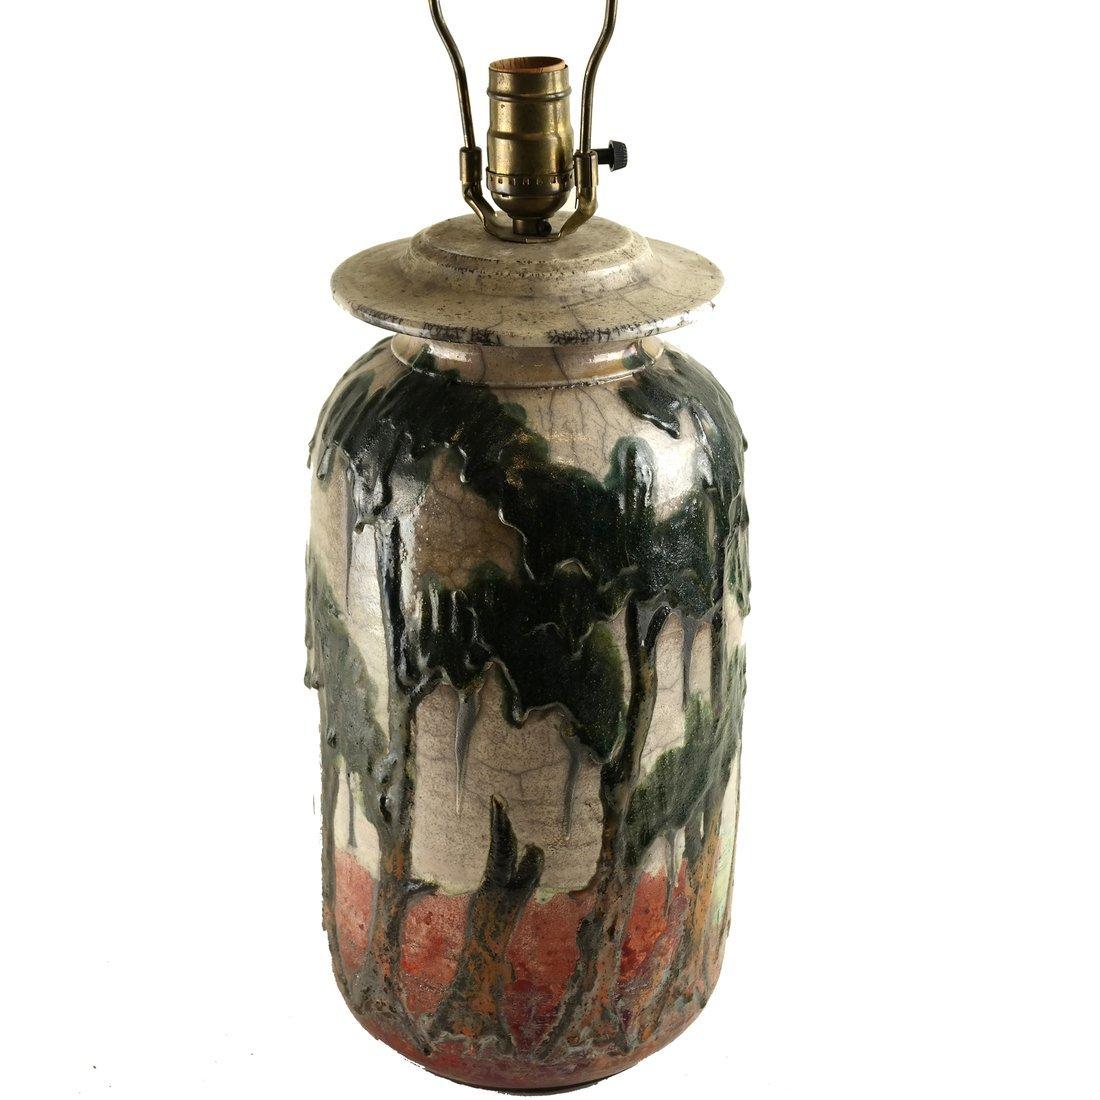 Charles Bohn Ceramic Lamp - 2